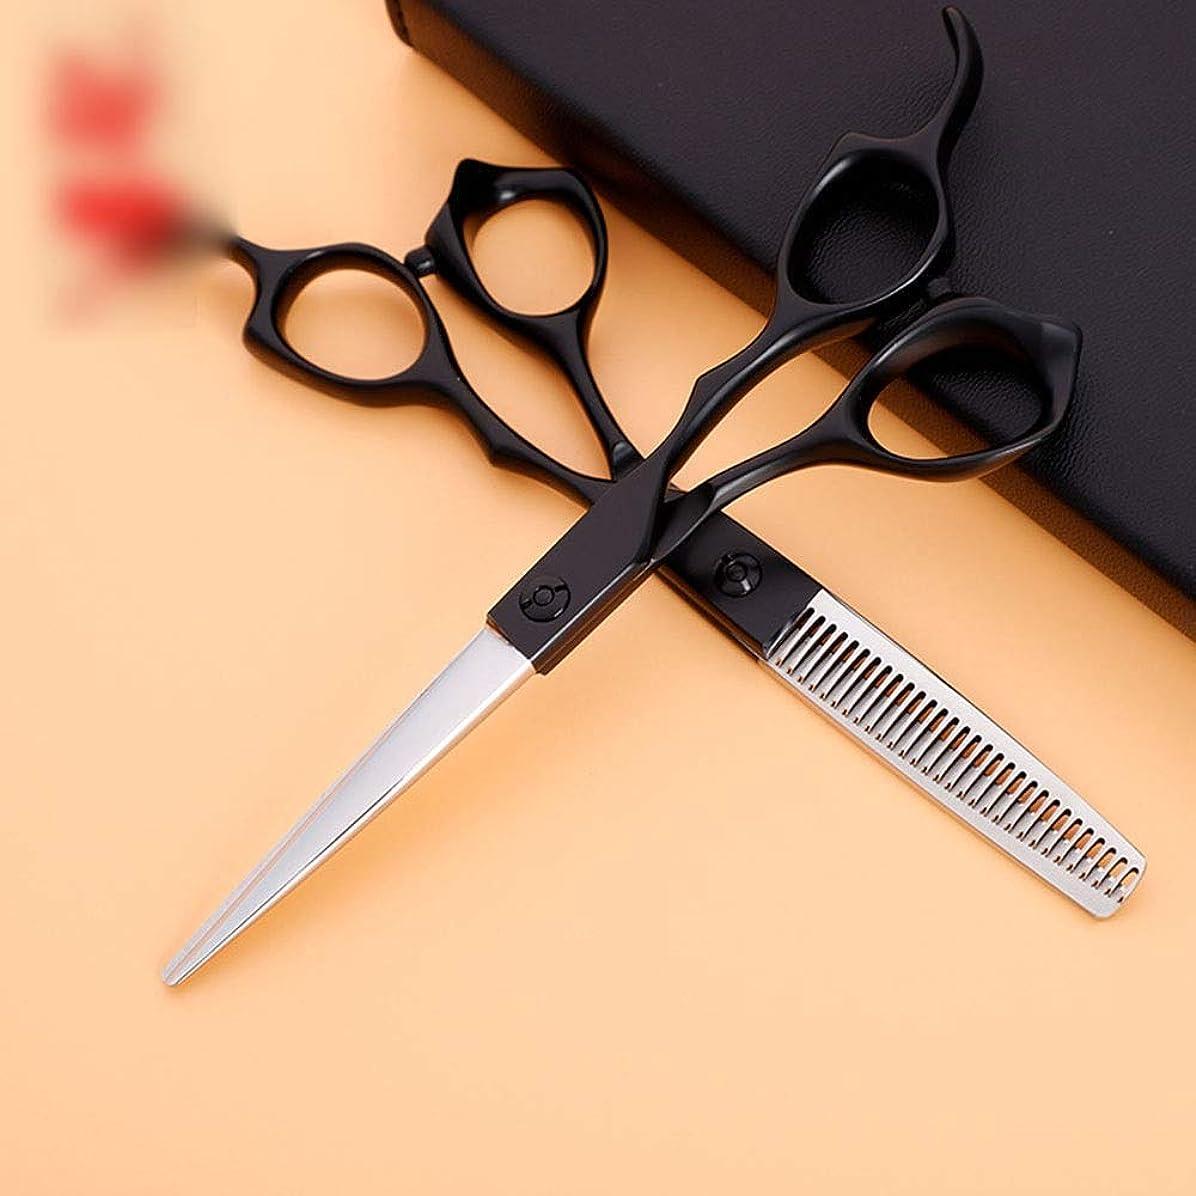 やさしくダンス致死6インチの美容院の専門の理髪セット、家の毛の切断用具セット モデリングツール (色 : 黒)